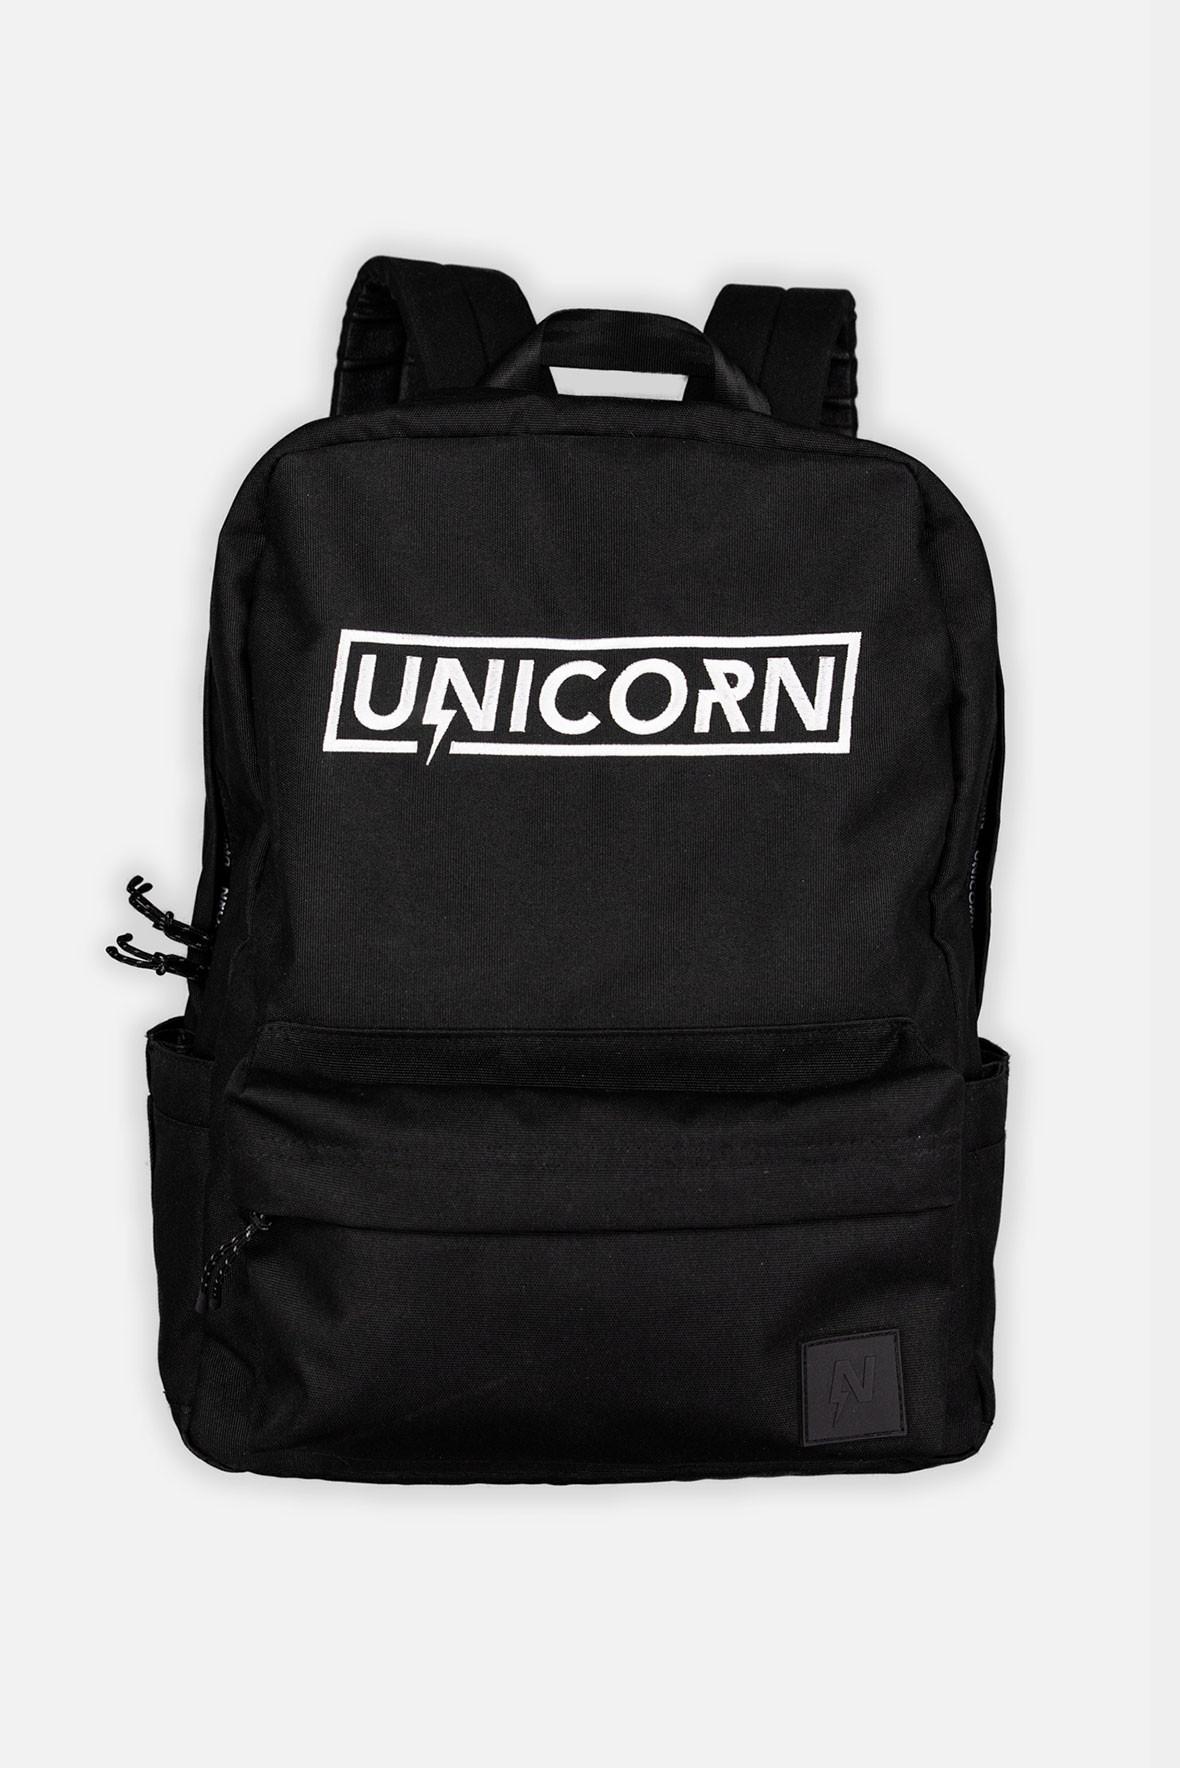 Unicorn Emoji Sac à dos école Gym linge Pe Swim avec cordon de serrage filles idée cadeau